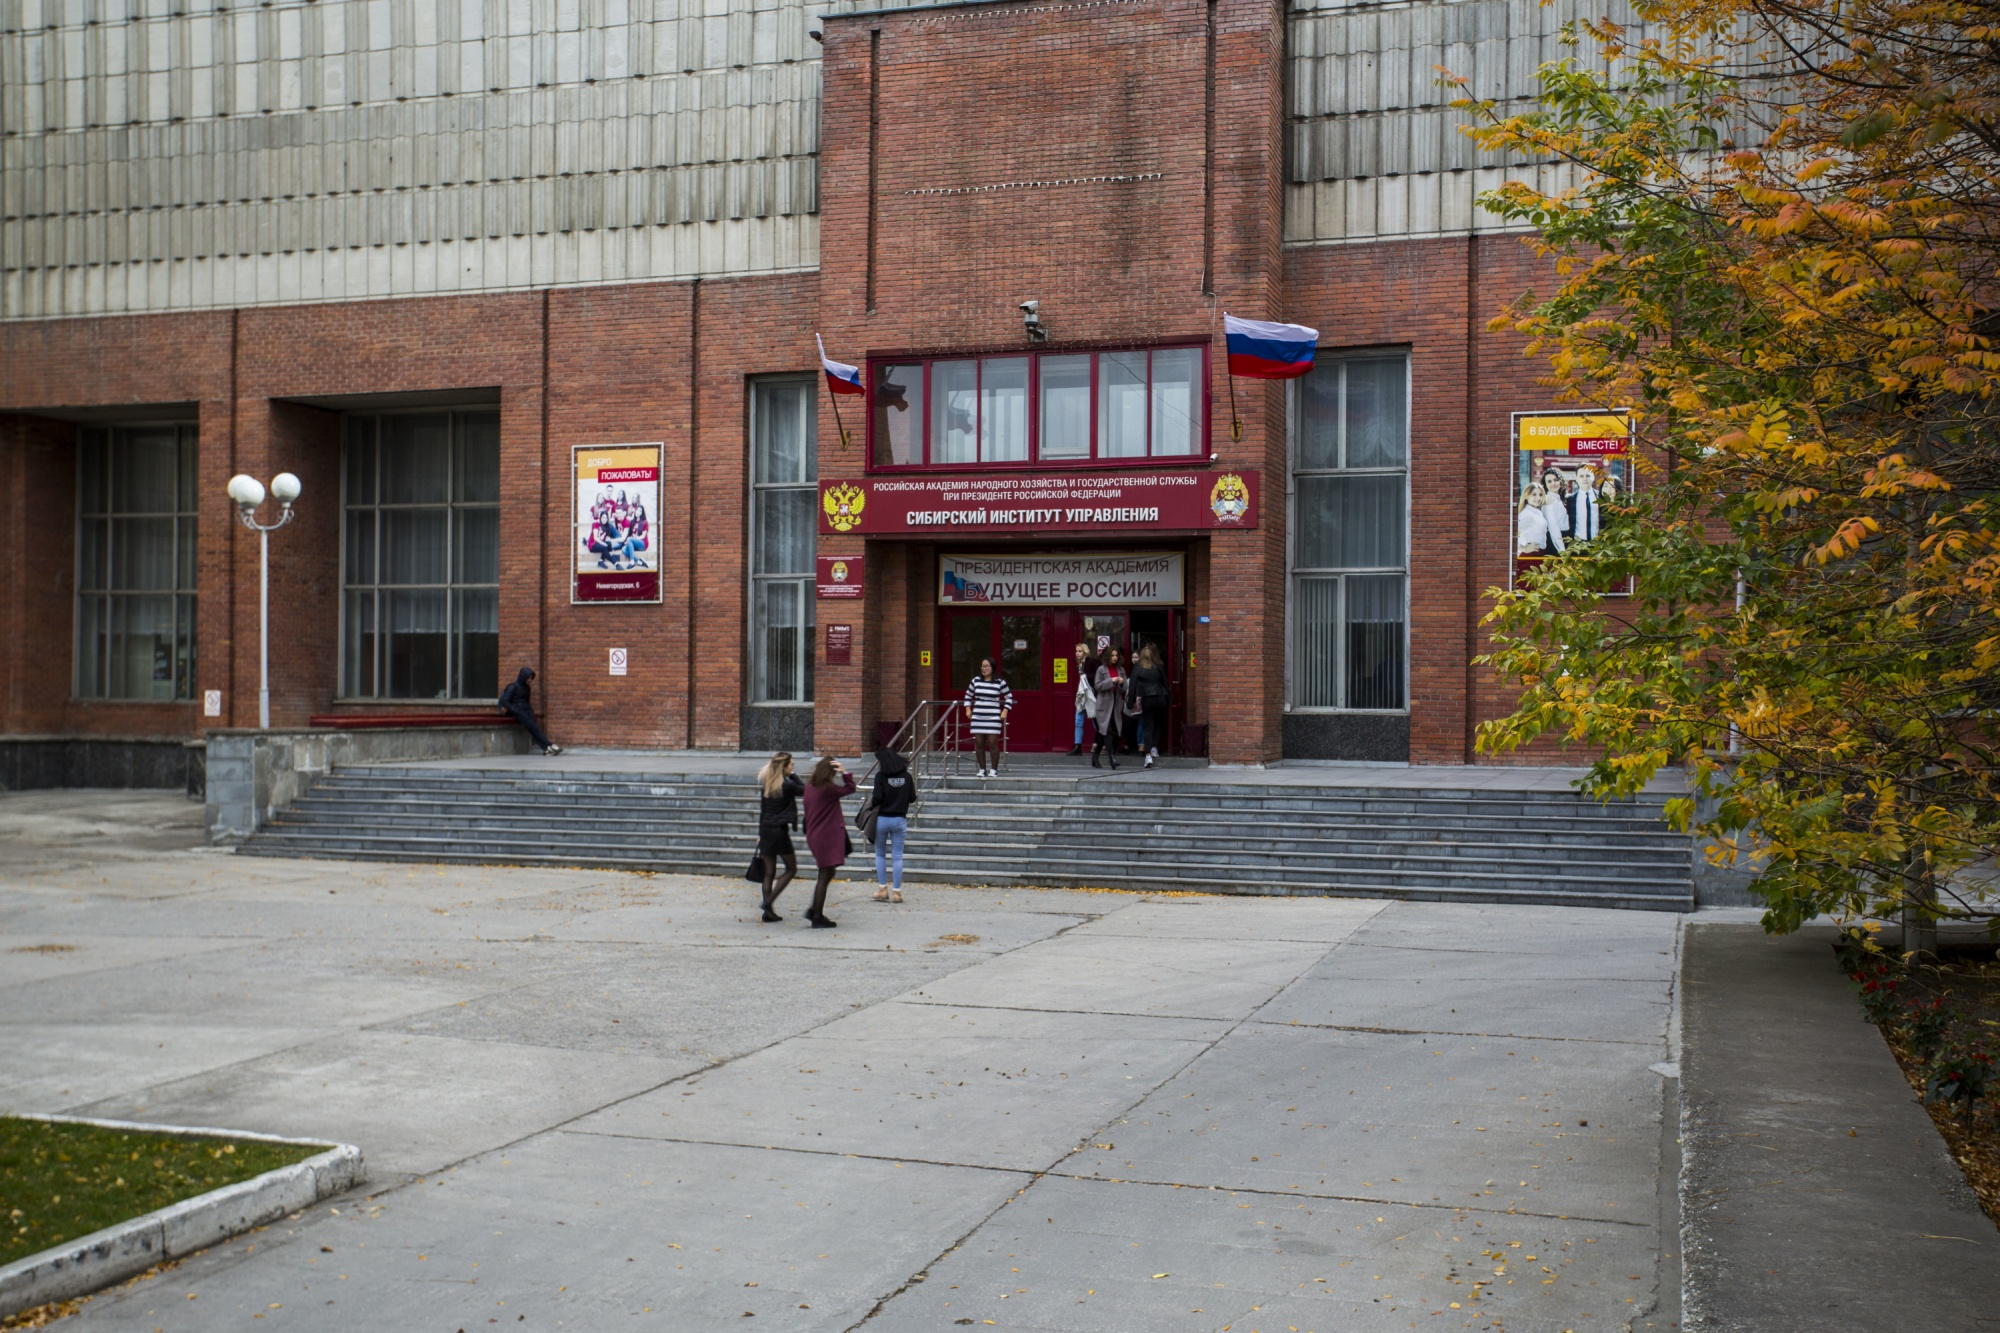 Преподаватели новосибирского вуза для чиновников пожаловались на низкие зарплаты